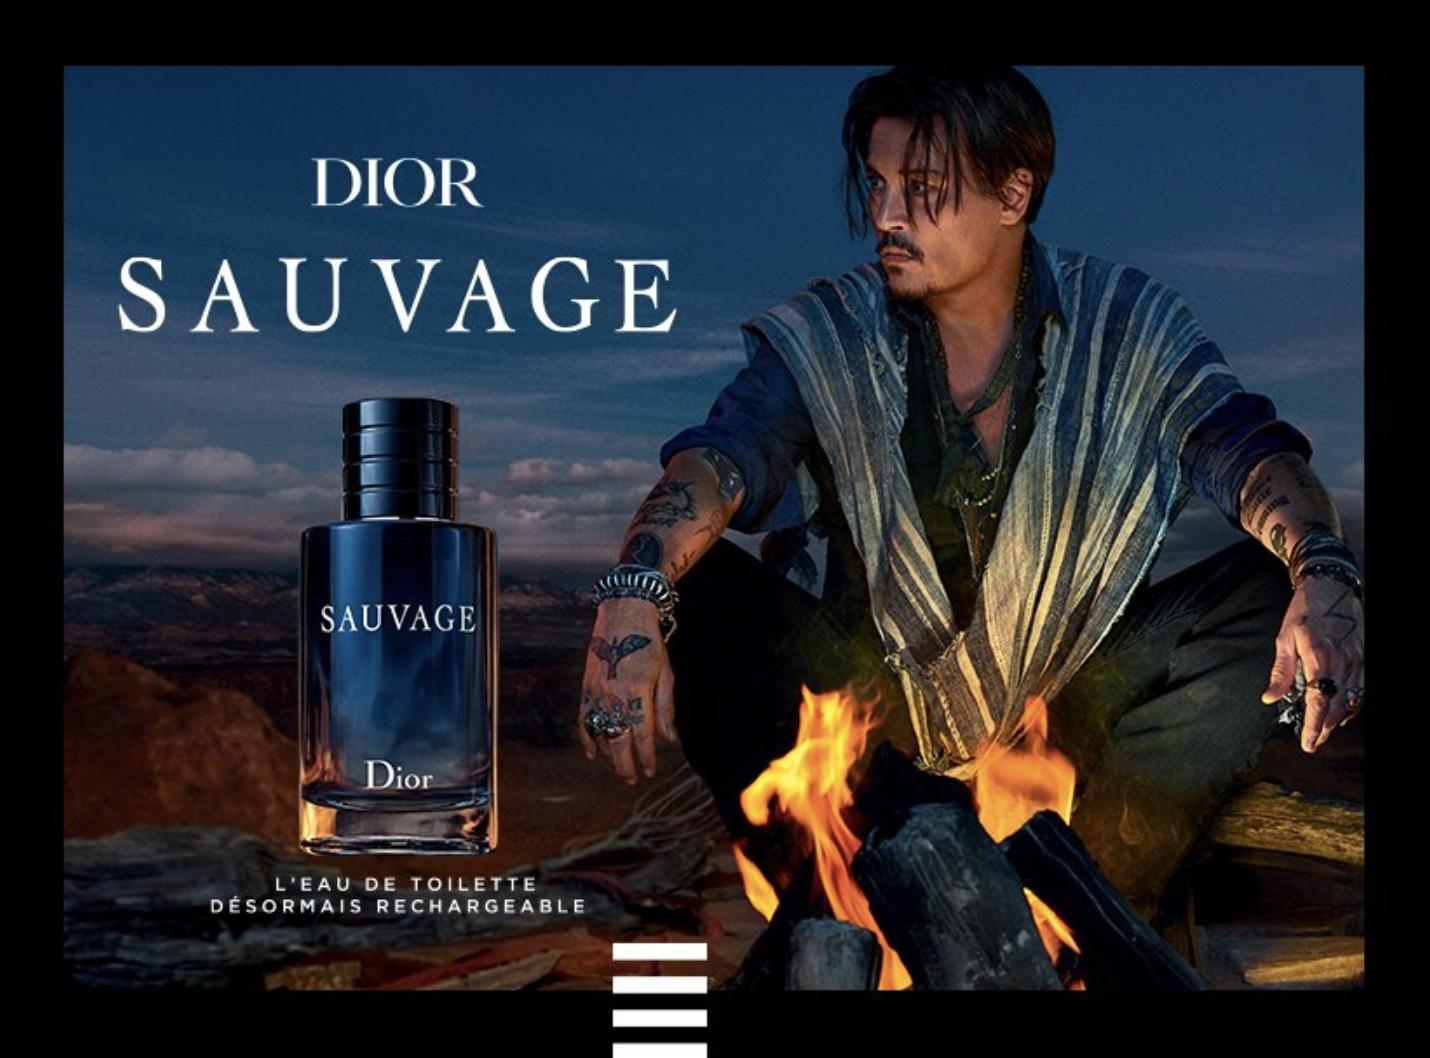 Code promo Dior : 1 échantillon gratuit de l'eau de toilette DIOR Sauvage